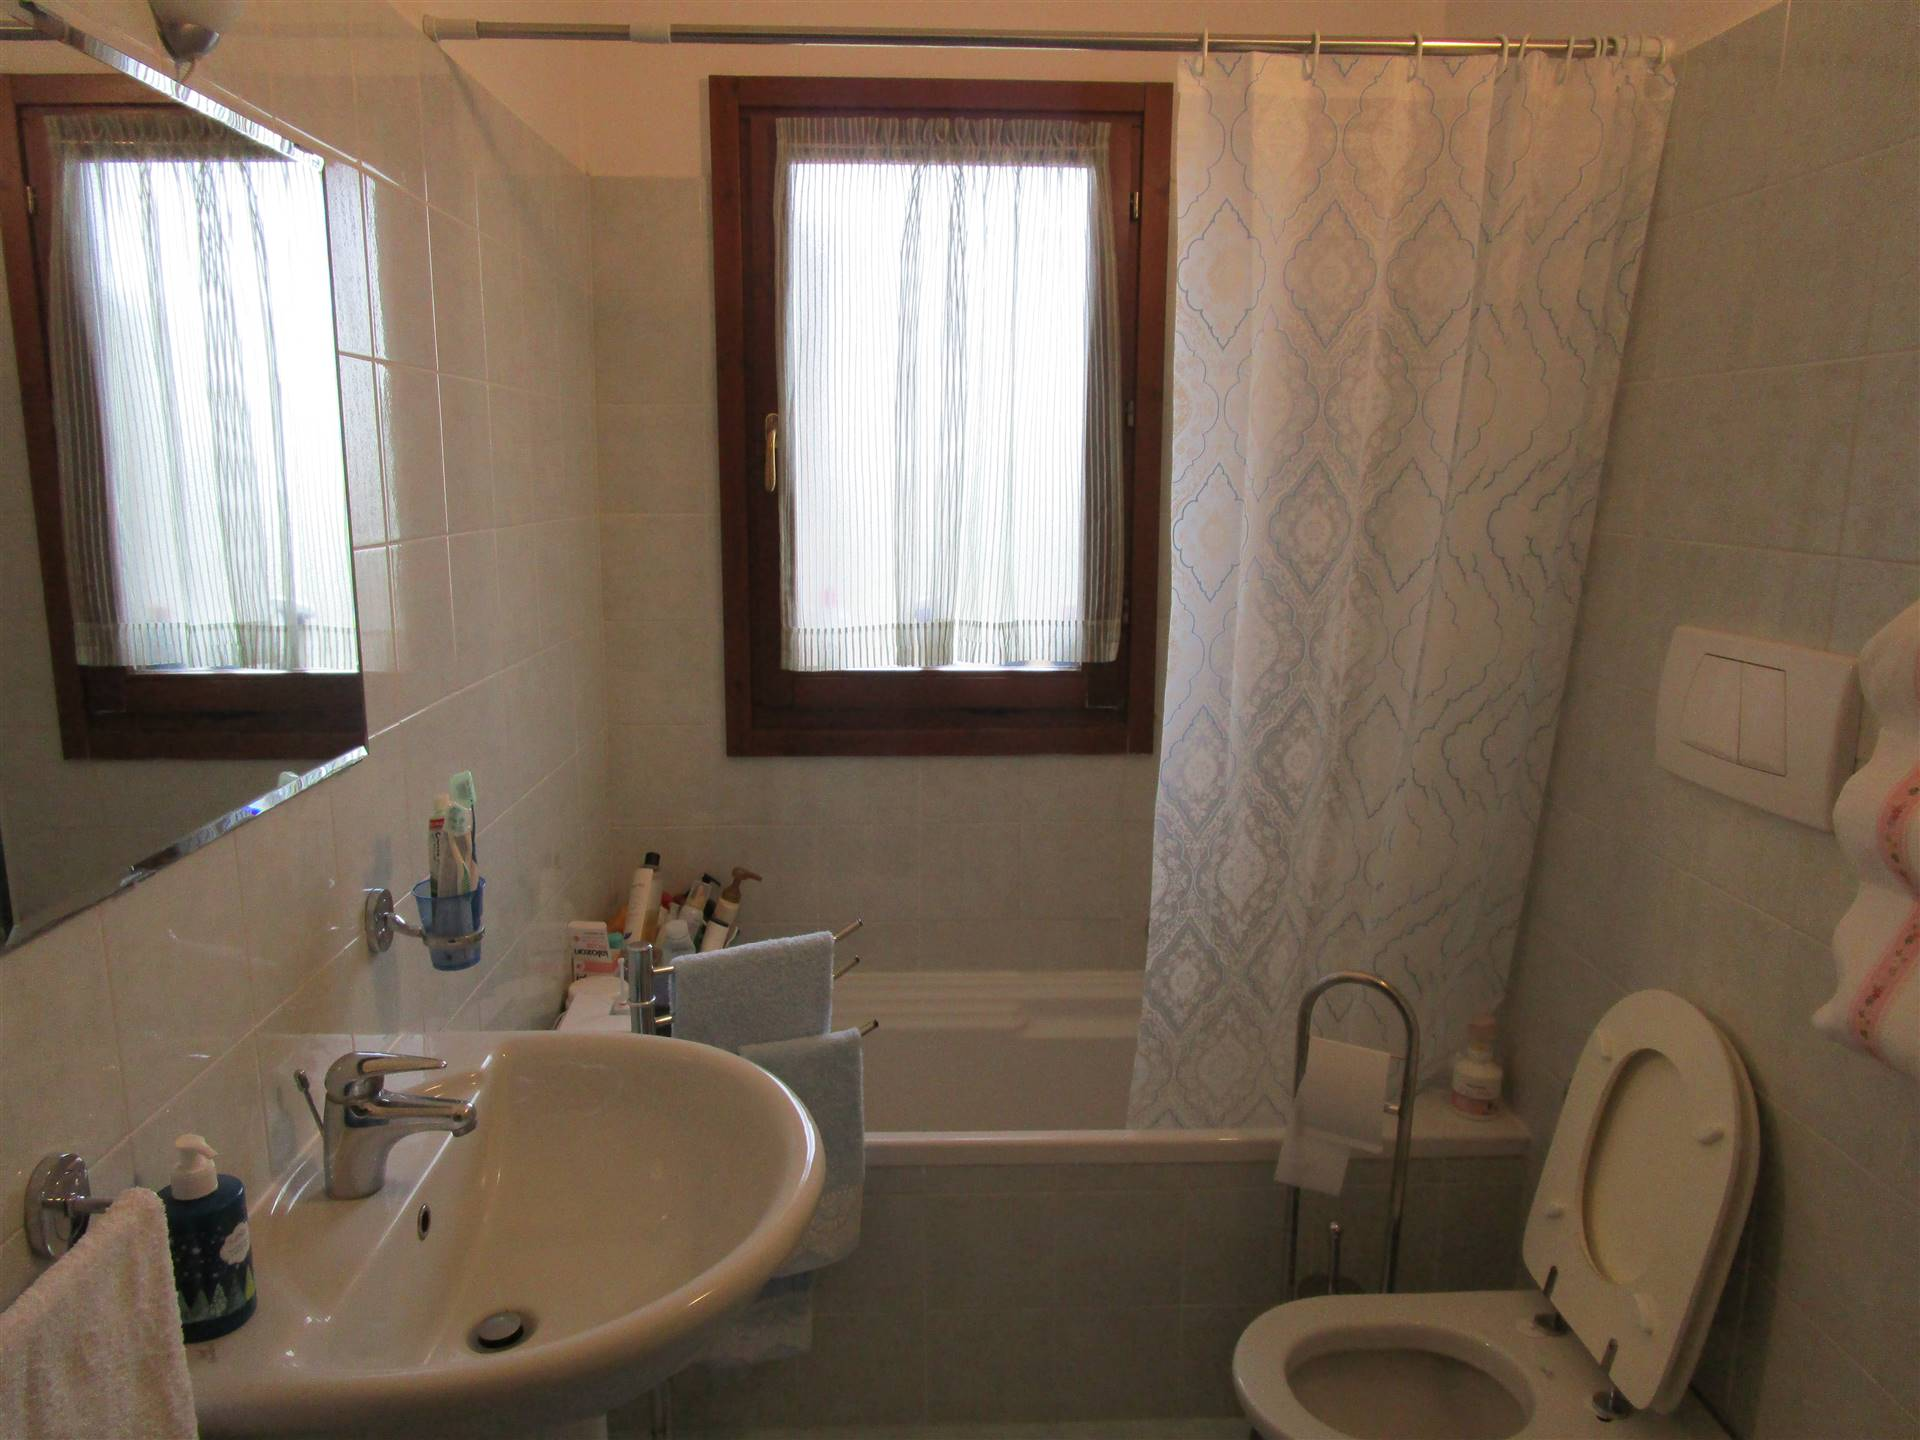 Appartamento in Vendita a Campi bisenzio zona San donnino - immagine 10